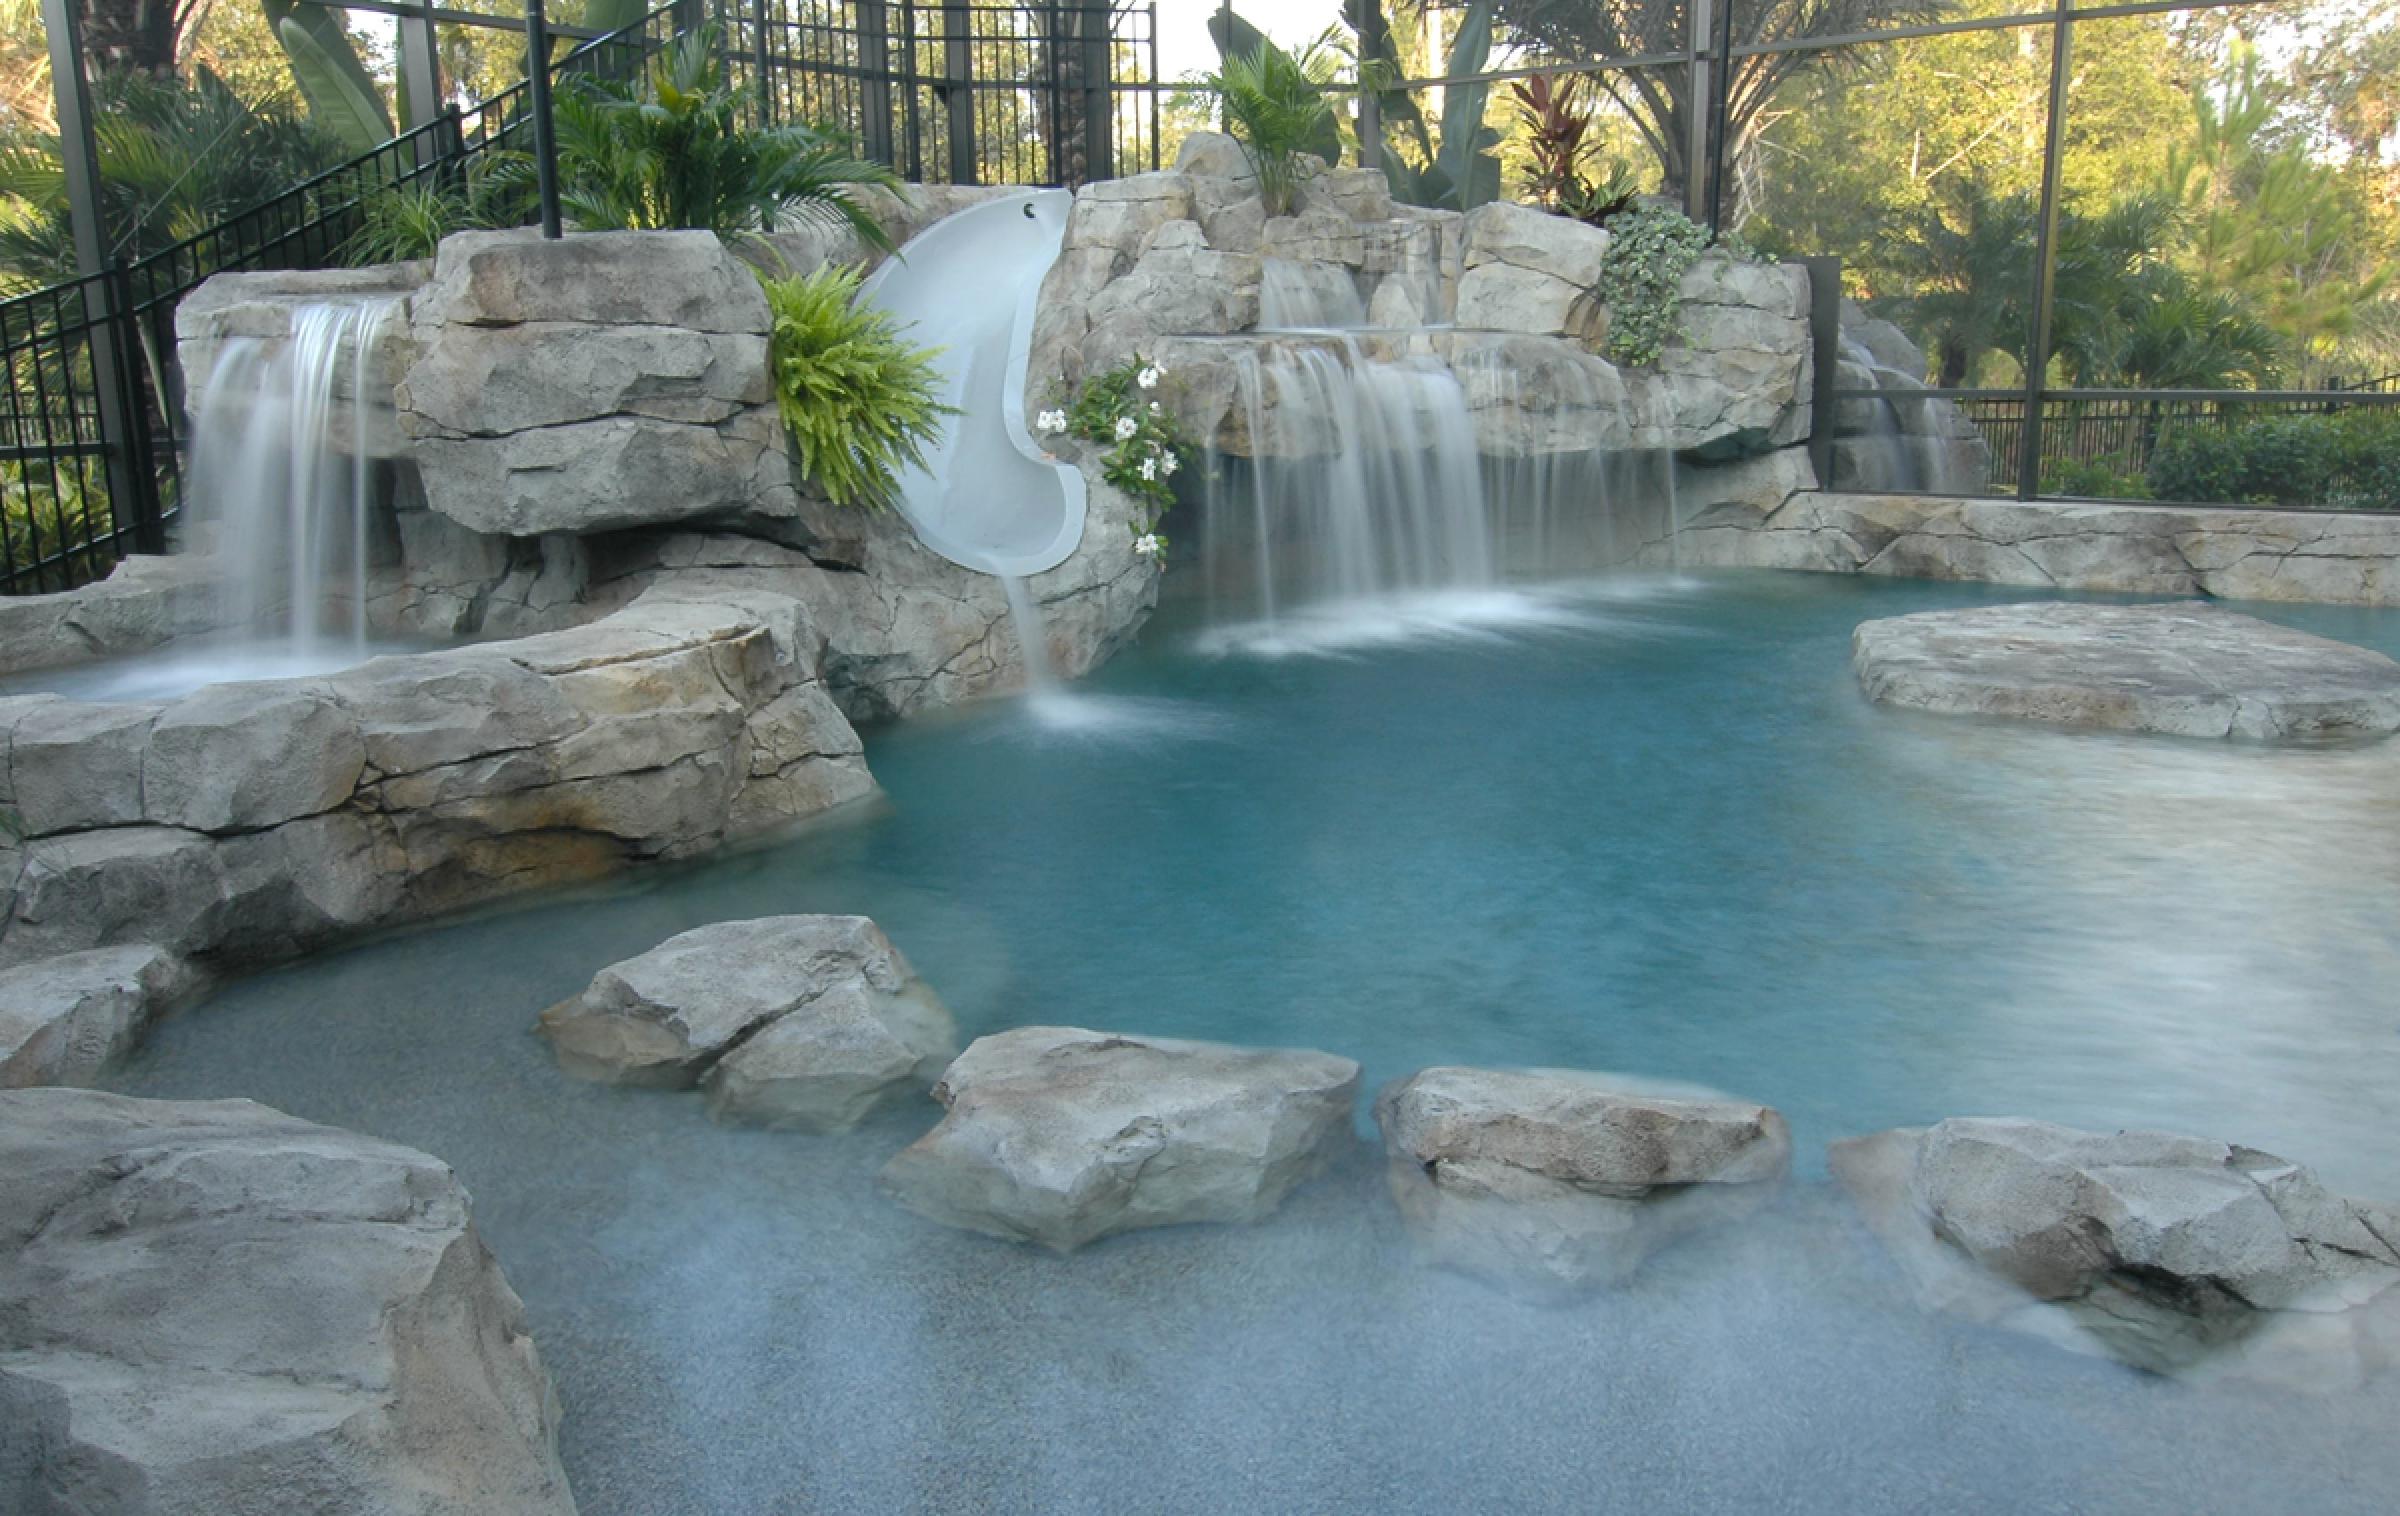 Southern Pool Designs Designers Builders Of Luxury Pools Spas Orlando Florida Pool Designs Luxury Pools Lap Pool Designs